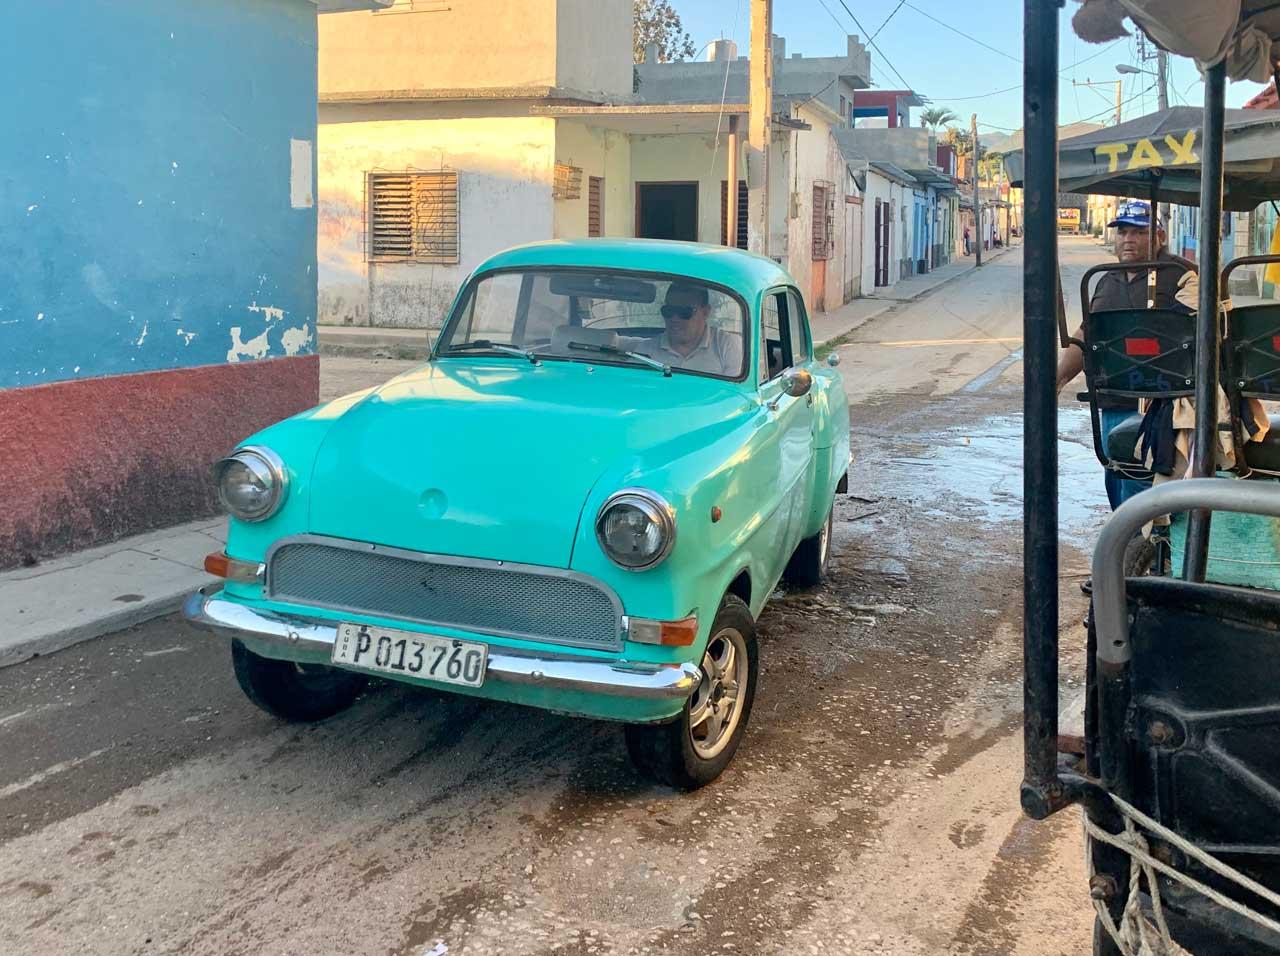 Trinidad taxi.